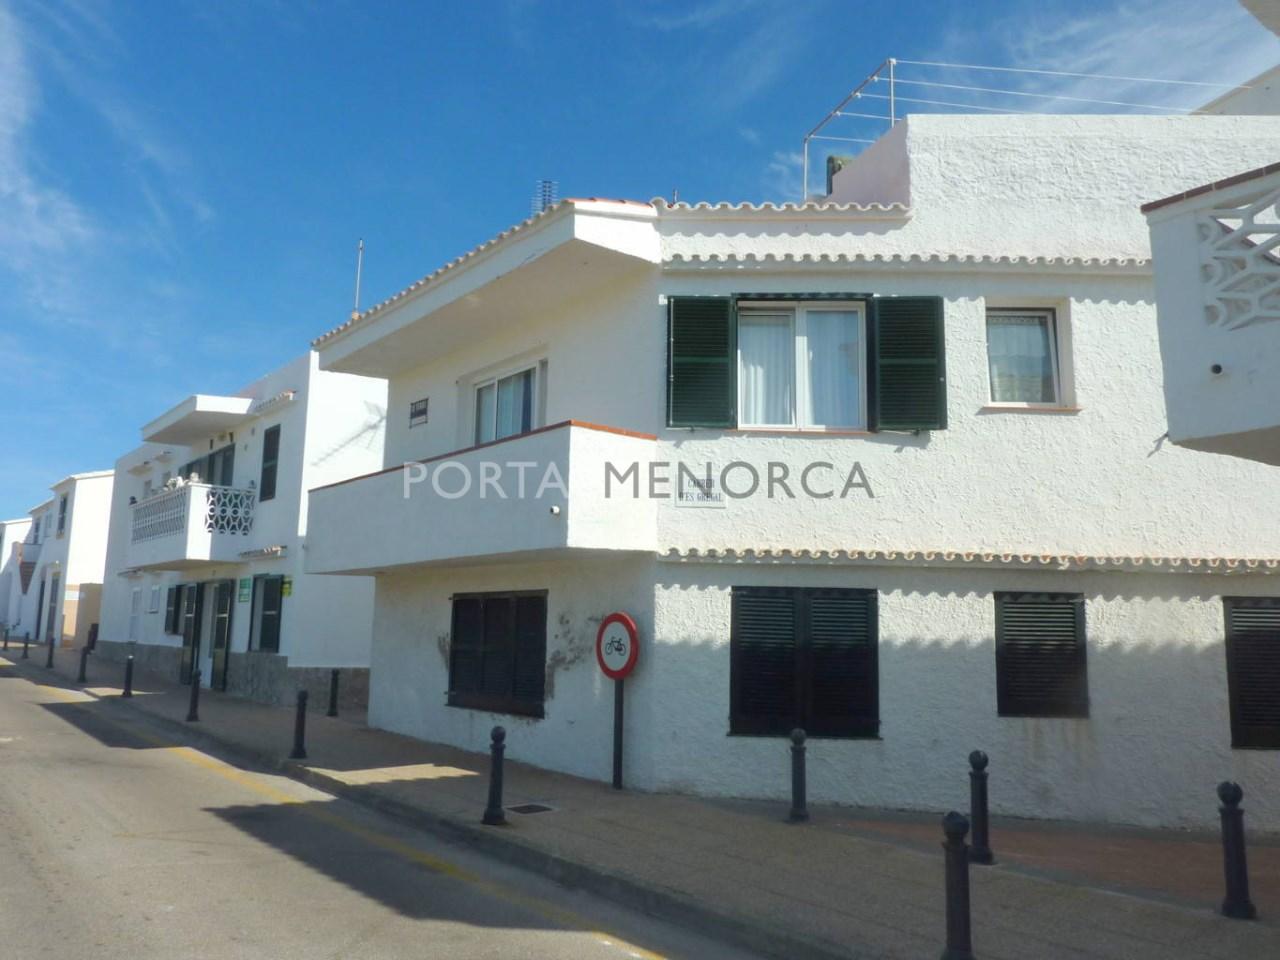 Apartemento en venta en S'Algar, Menorca